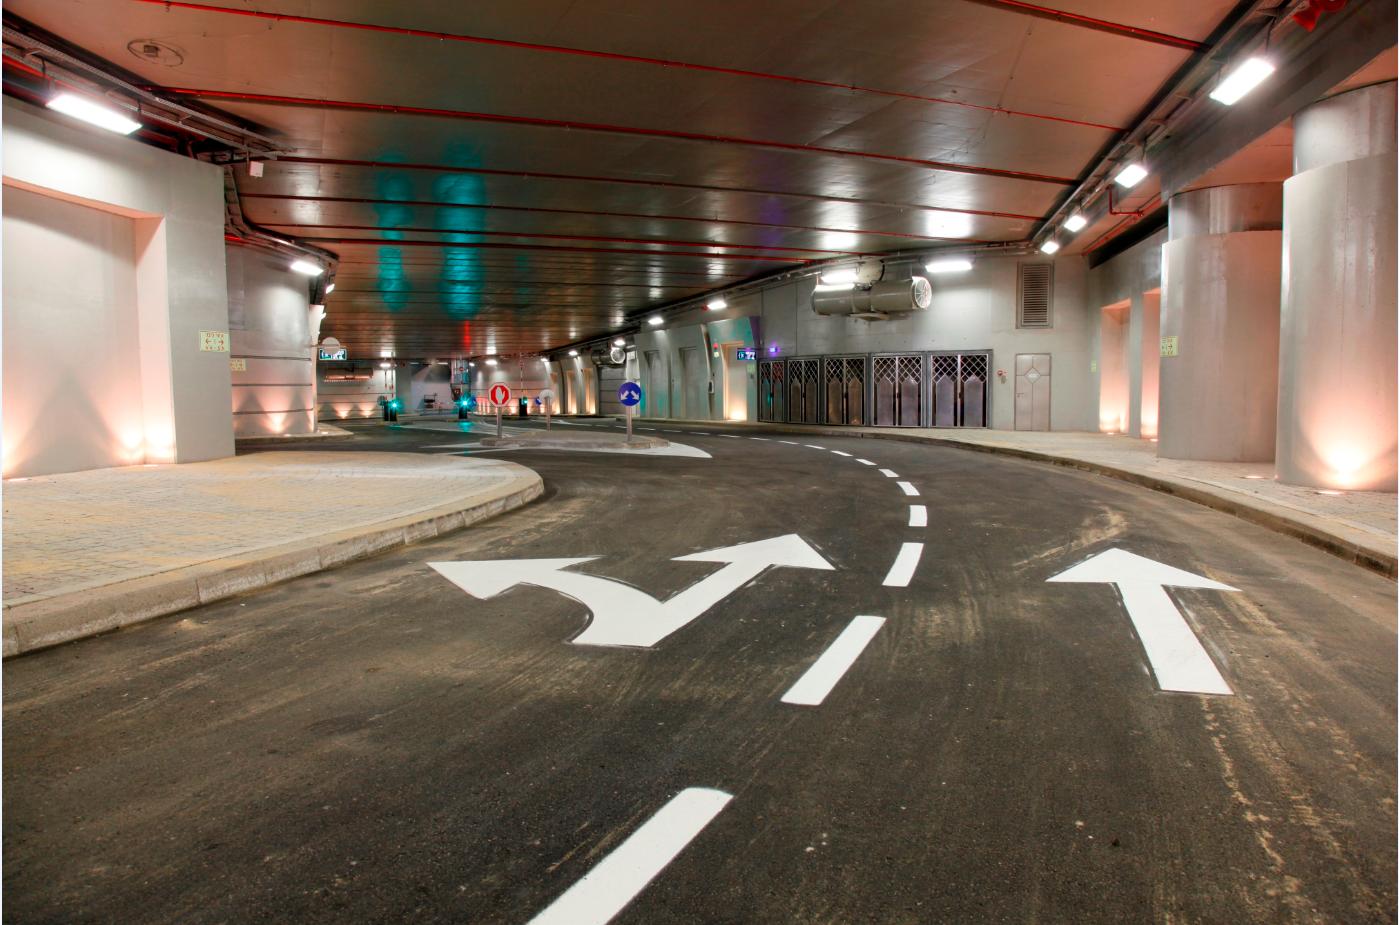 הכביש התת קרקעי, קרדיט: עיריית תל אביב